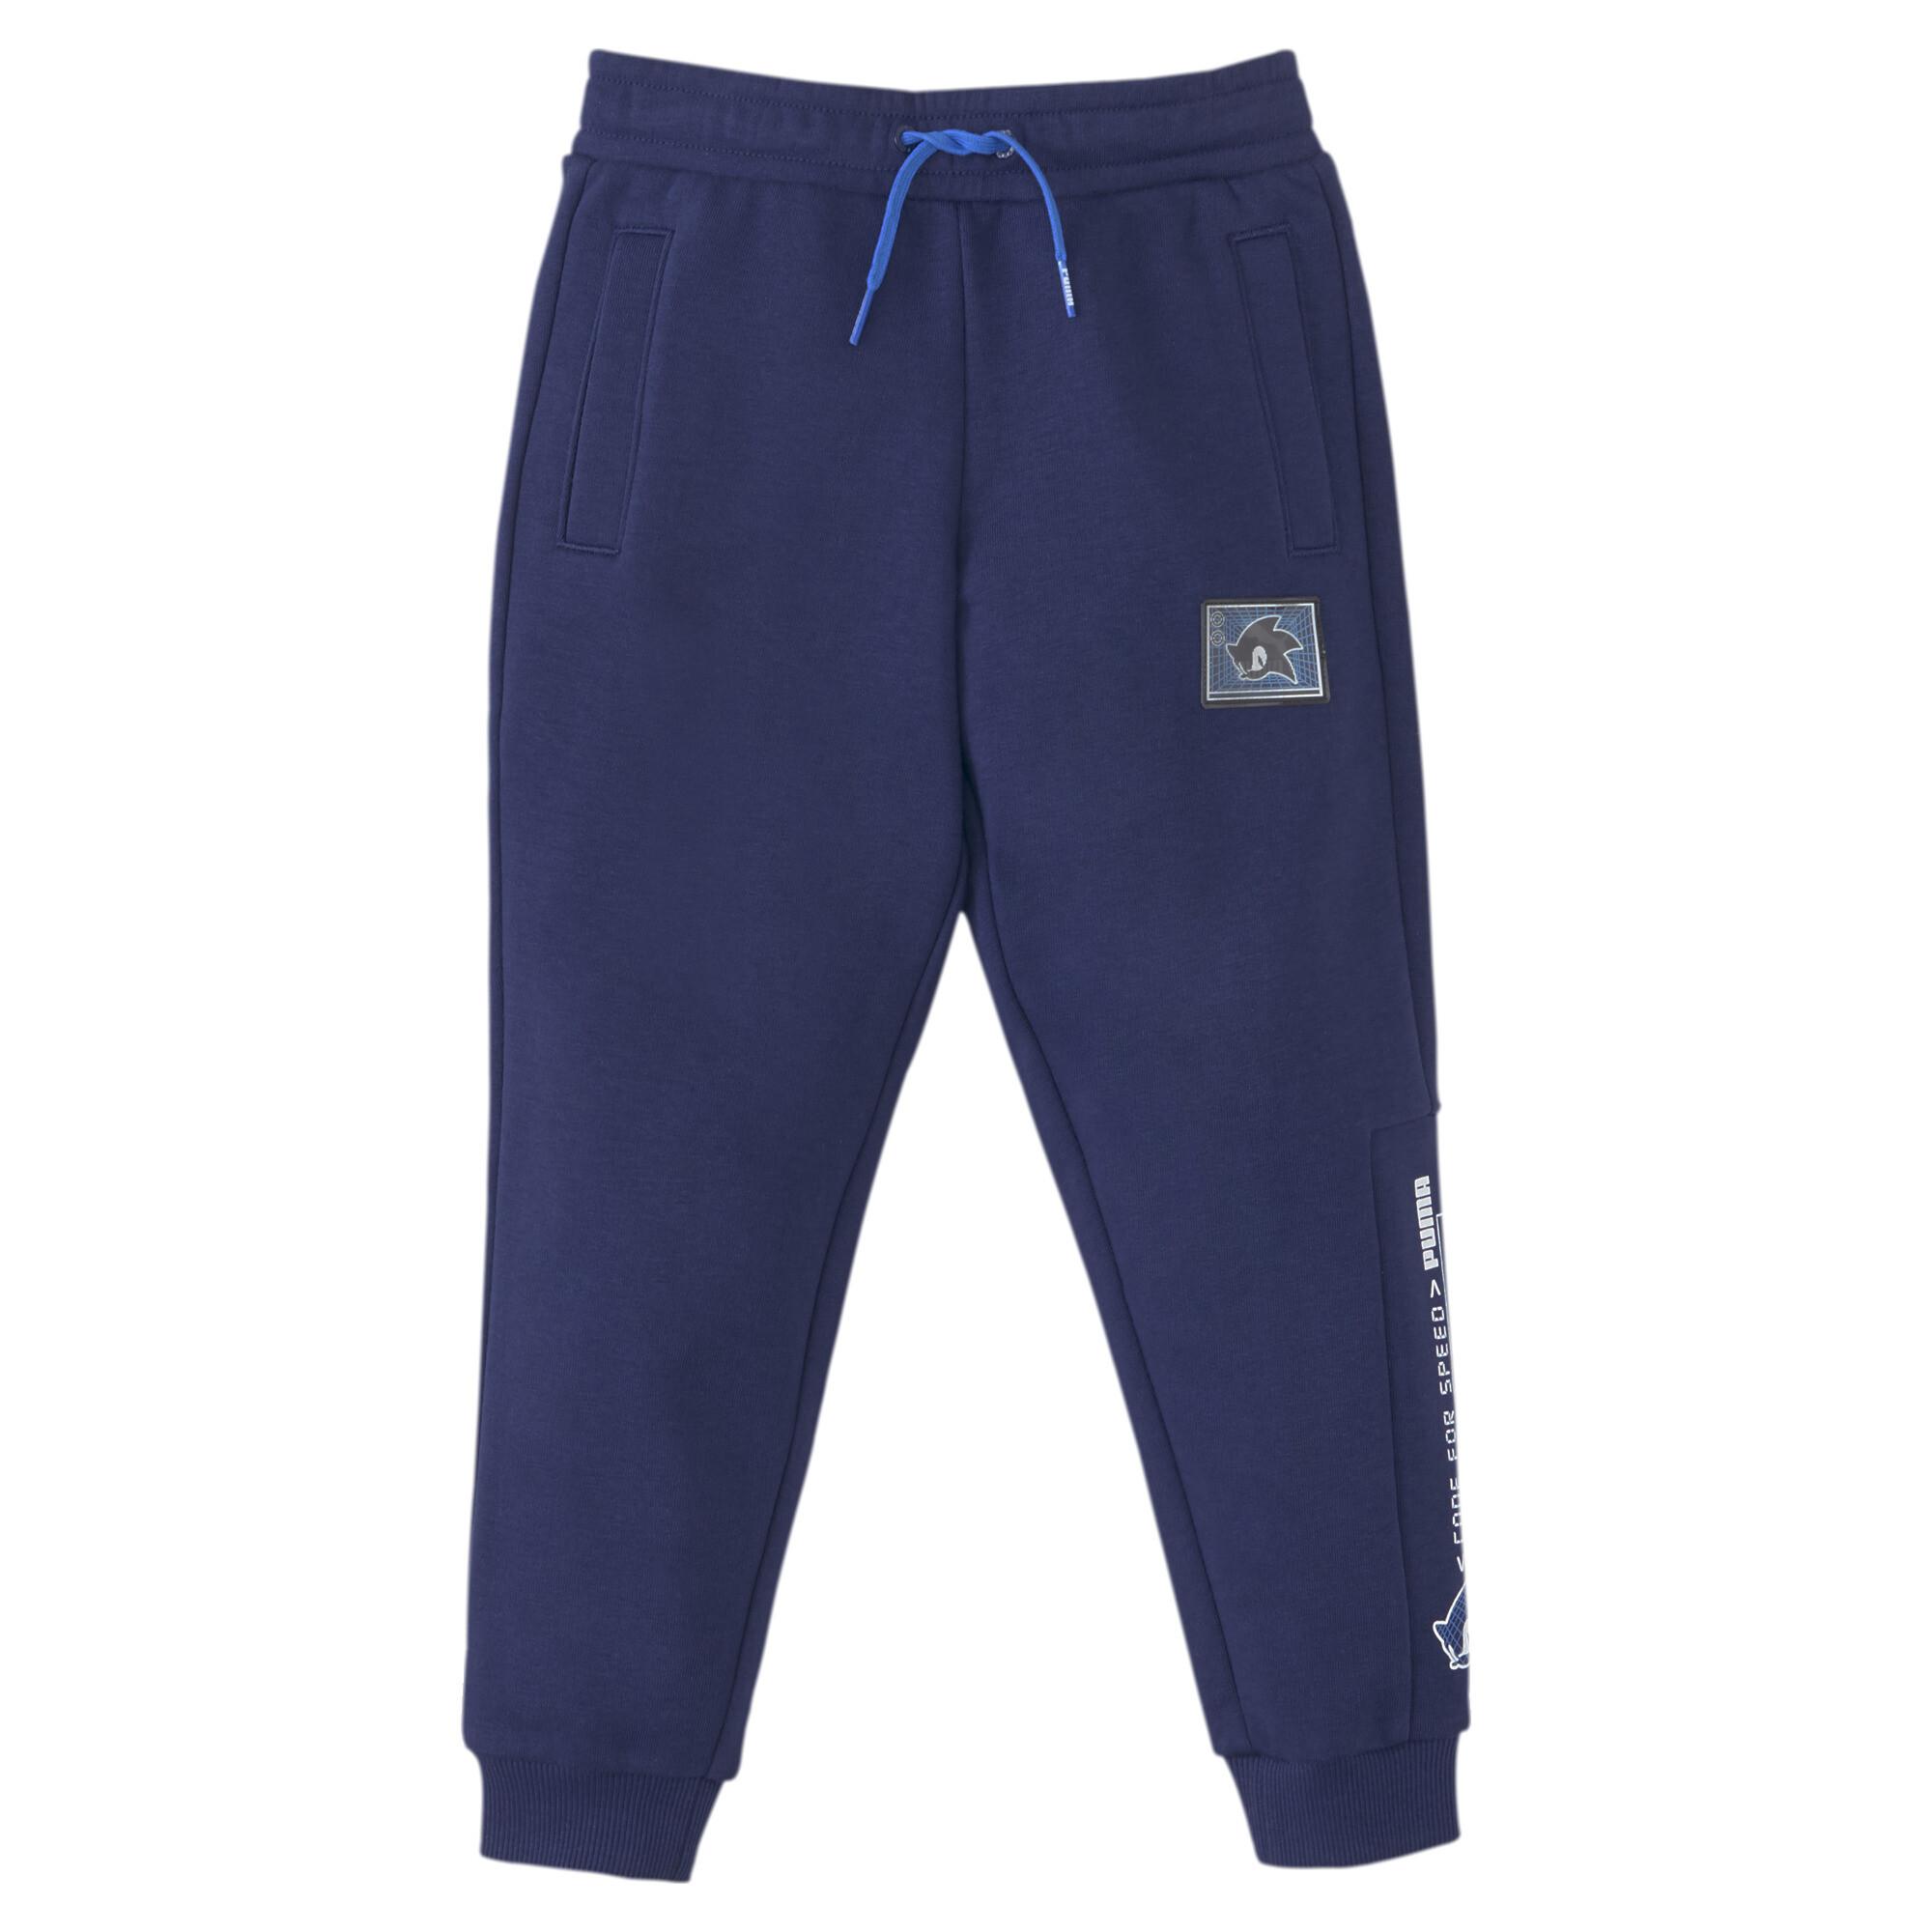 【プーマ公式通販】 プーマ キッズ PUMA x SEGA スウェット パンツ 104-152cm メンズ Medieval Blue |PUMA.com